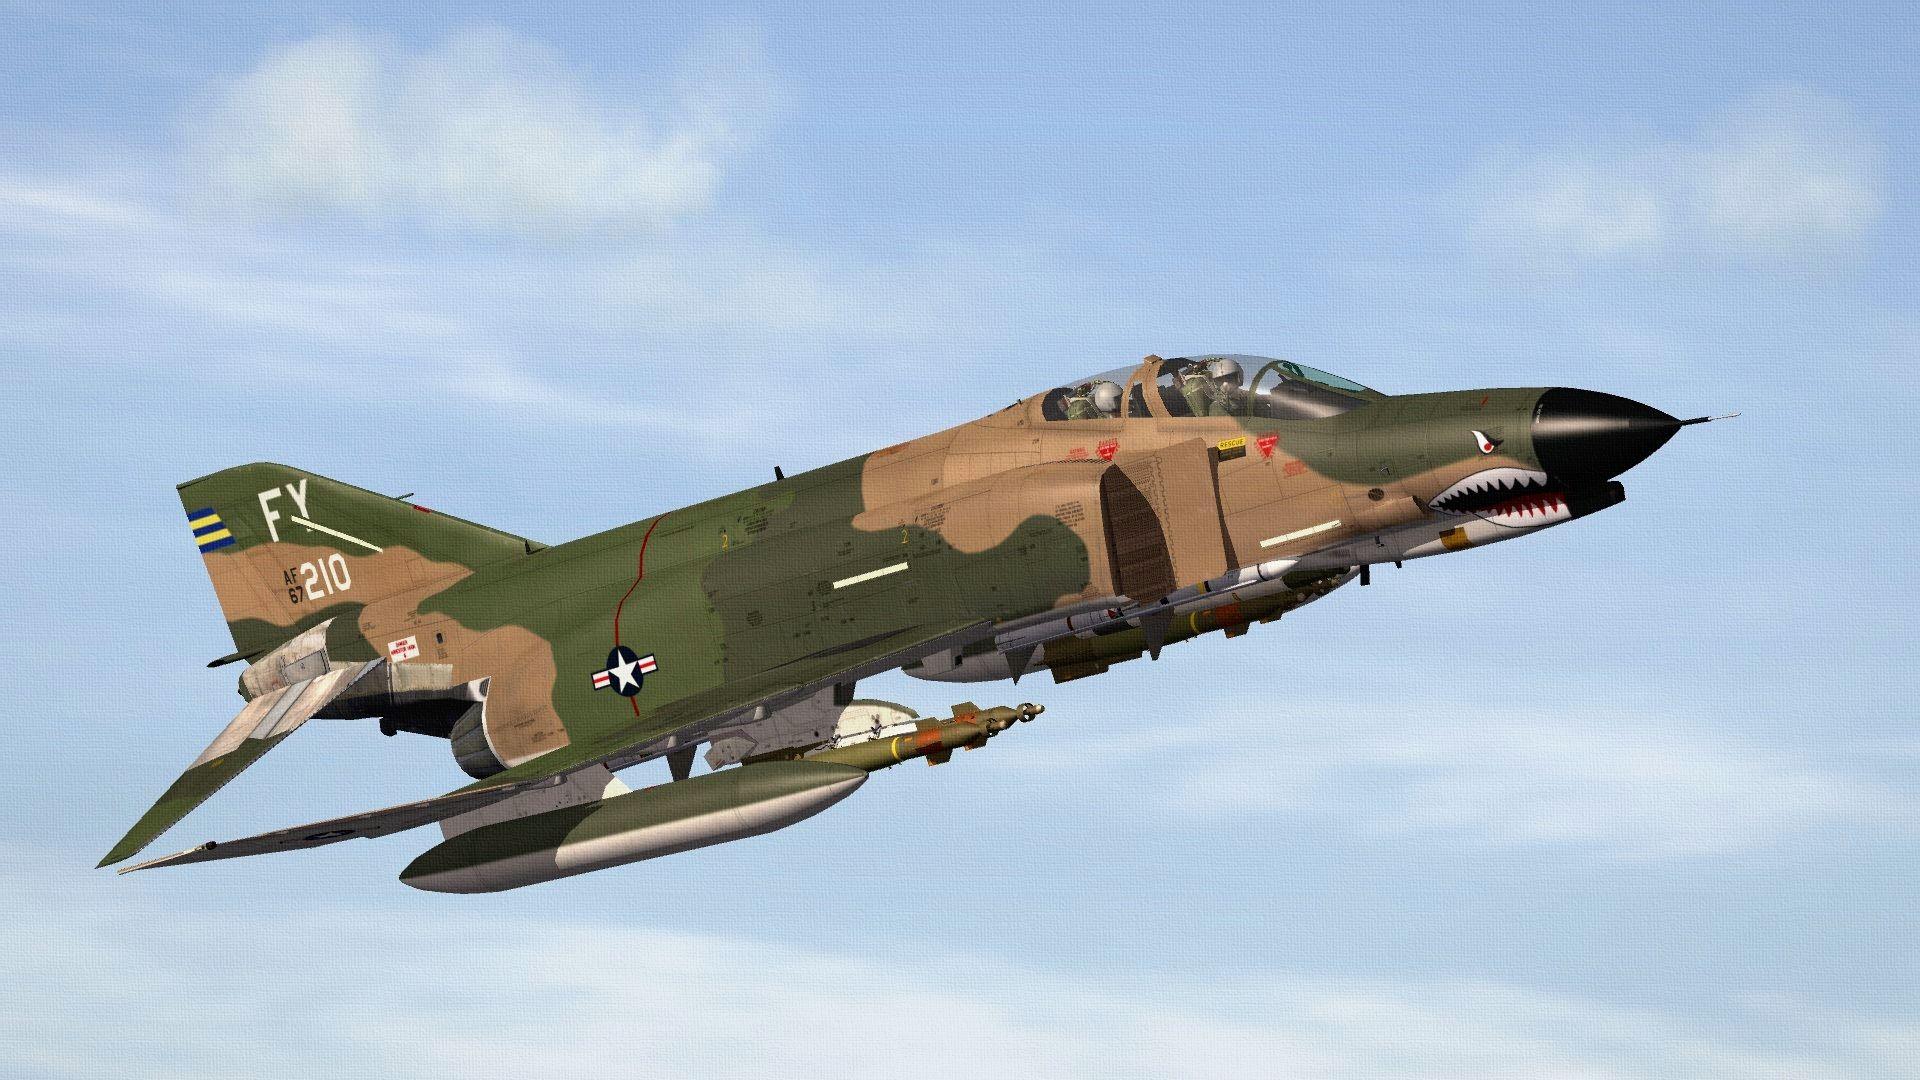 USAF%20F-4E%20PHANTOM.02_zpsclhnprtk.jpg